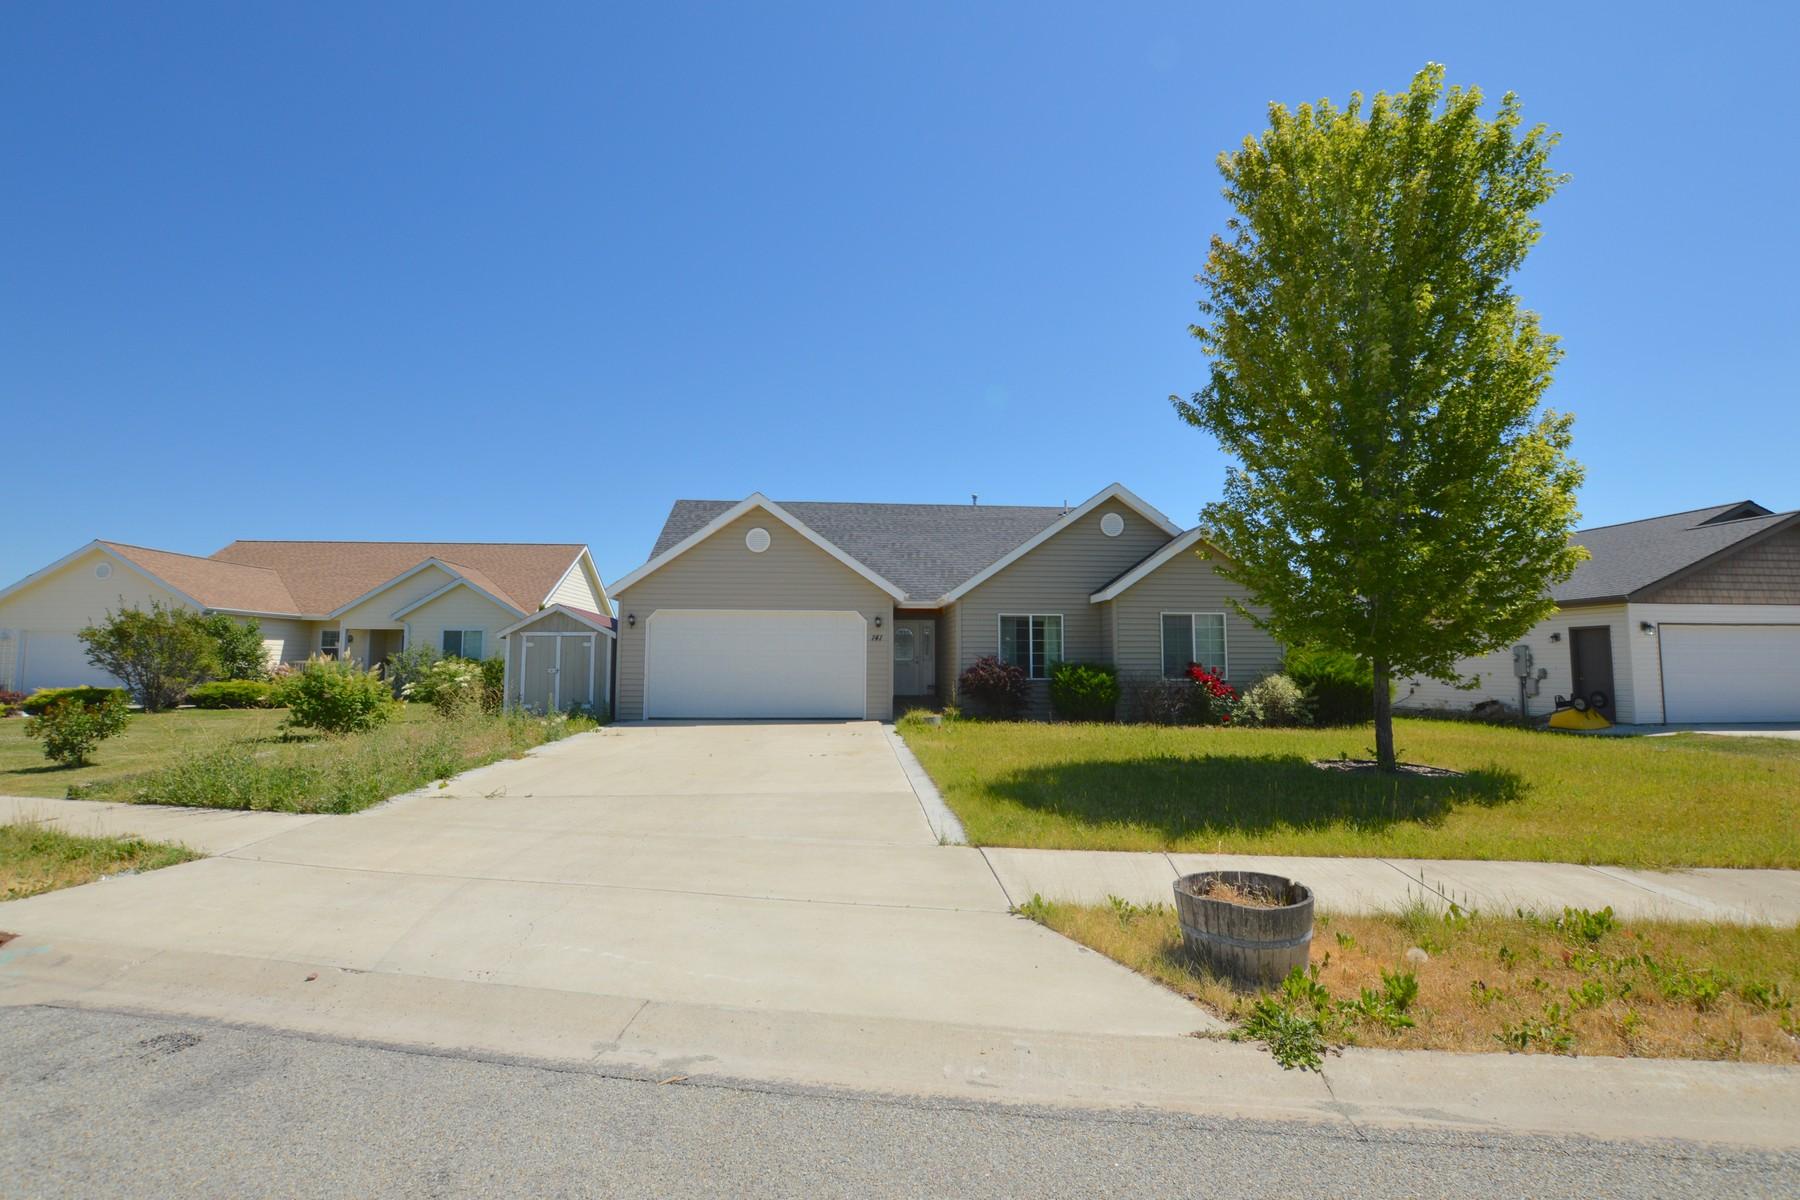 Nhà ở một gia đình vì Bán tại 141 Blue Crest Dr , Kalispell, MT 59901 141 Blue Crest Dr Kalispell, Montana, 59901 Hoa Kỳ